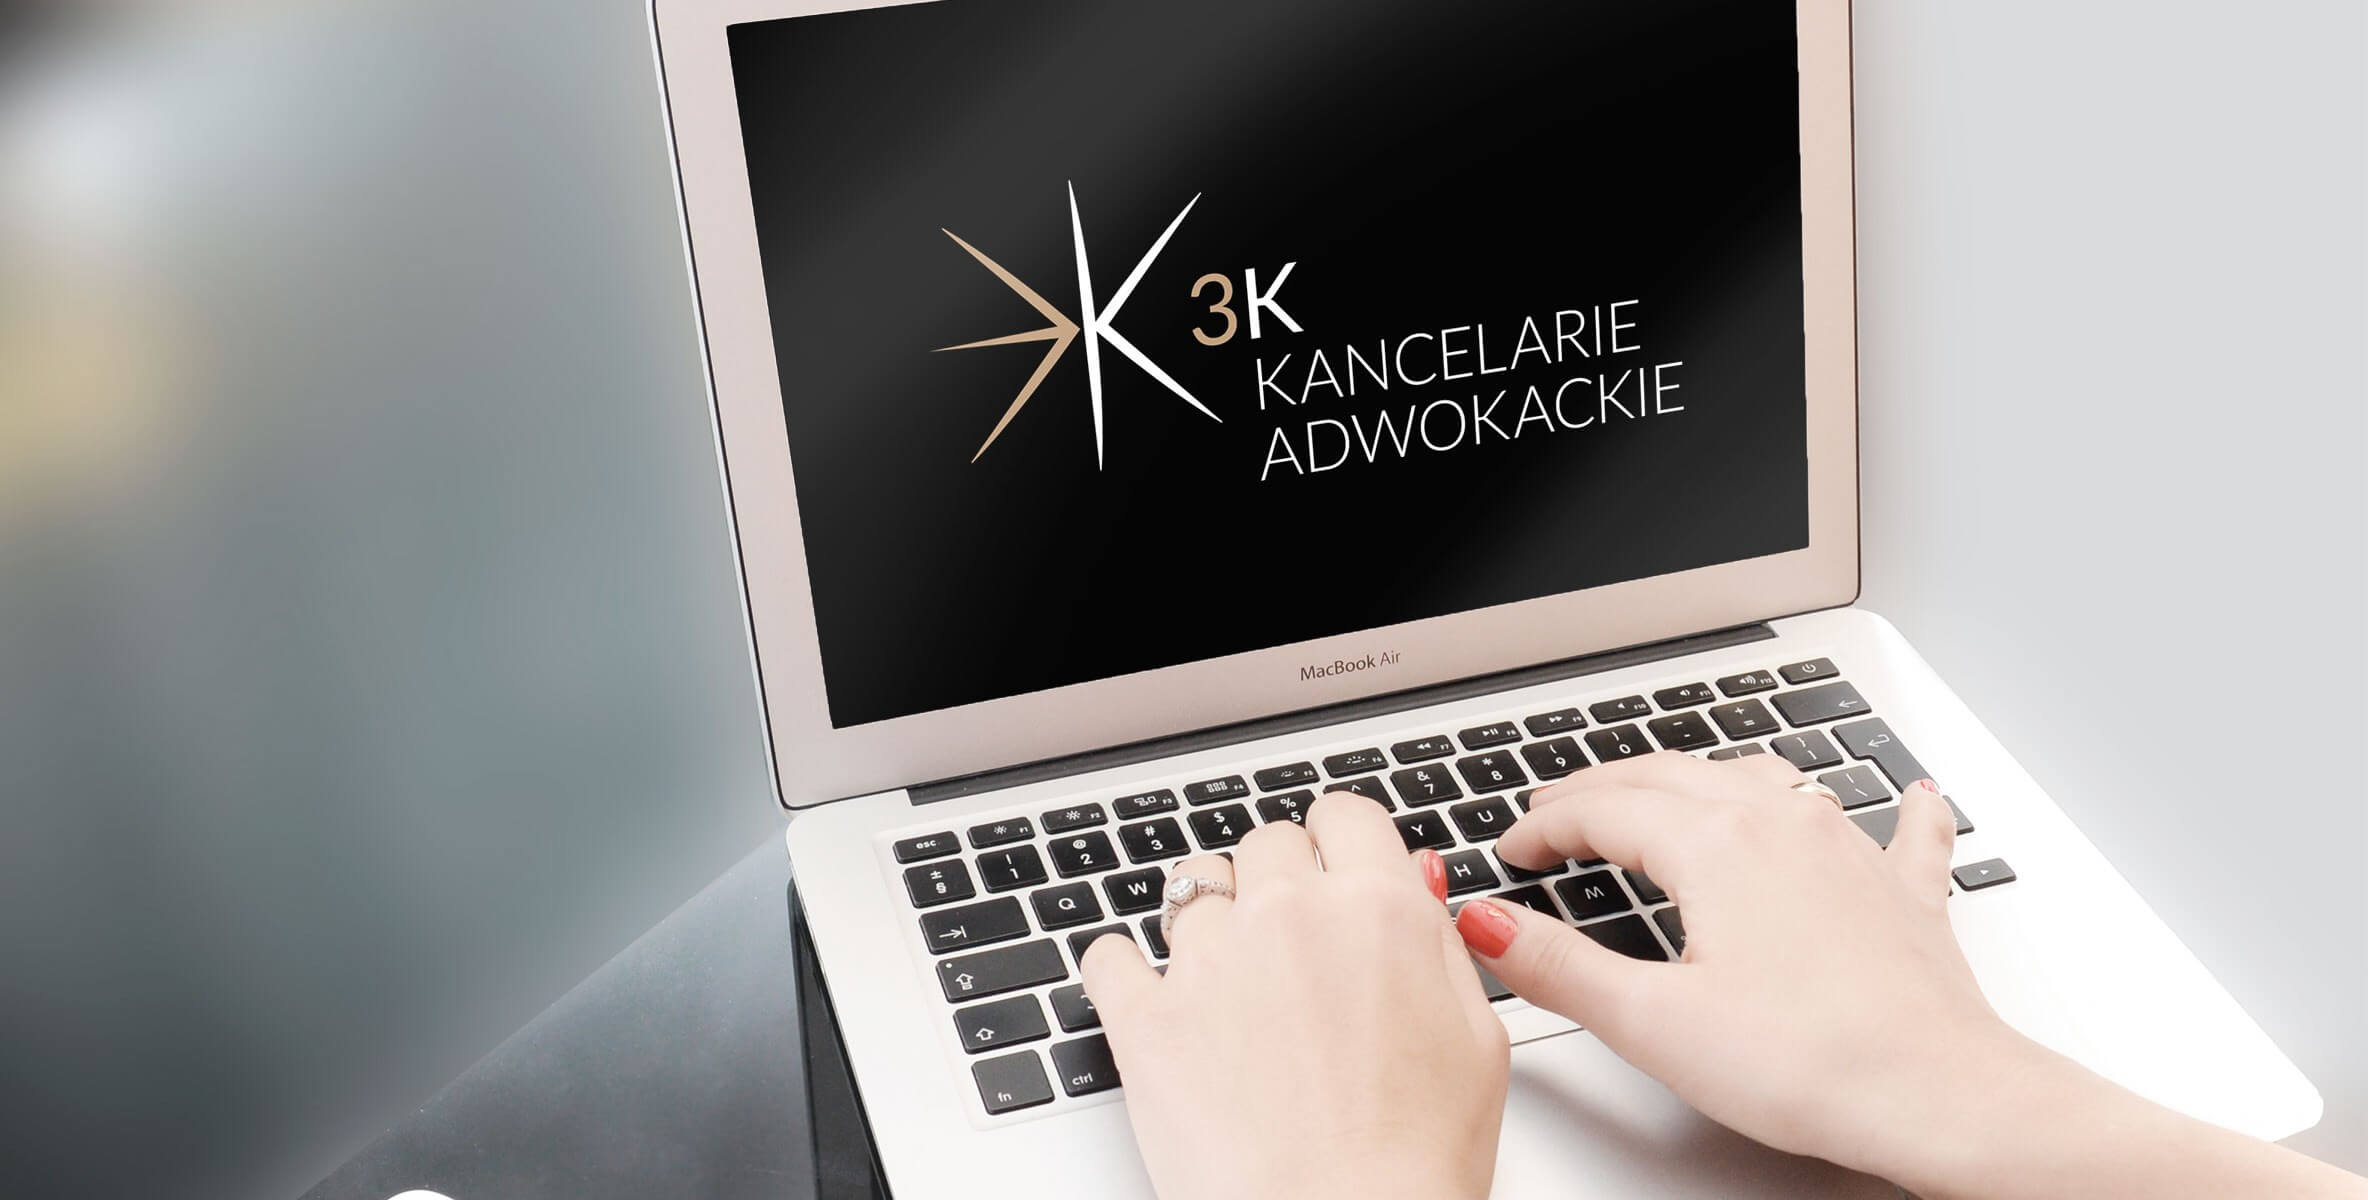 3K Kancelarie Adwokackie